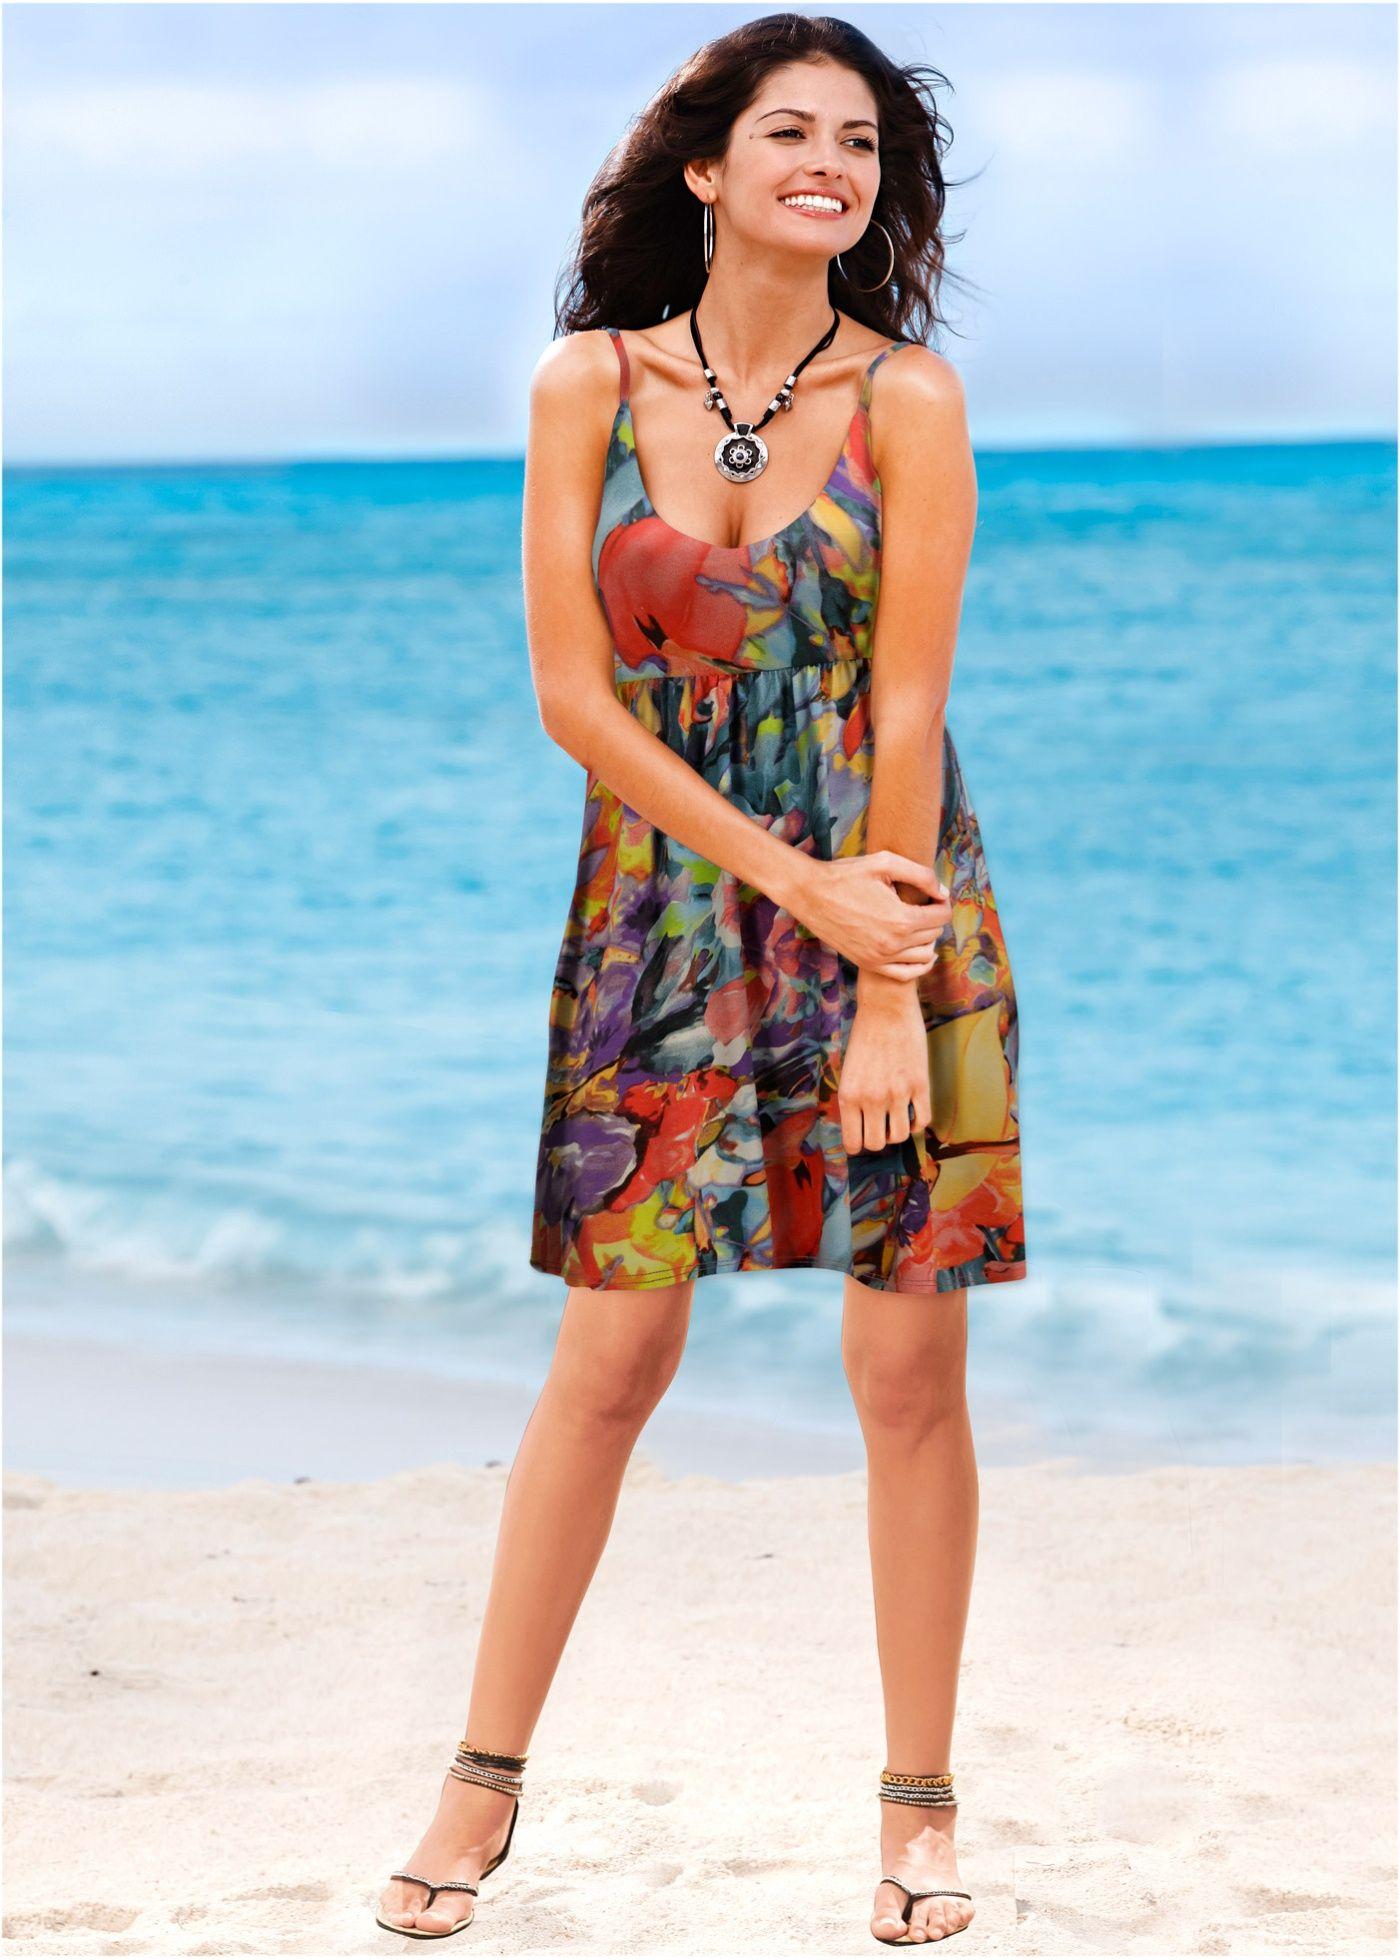 Vestido de alcinhas roxo claro floral encomendar agora na loja on-line bonprix.de  R$ 69,90 a partir de Vestido soltinho com decote V profundo,l corte ...